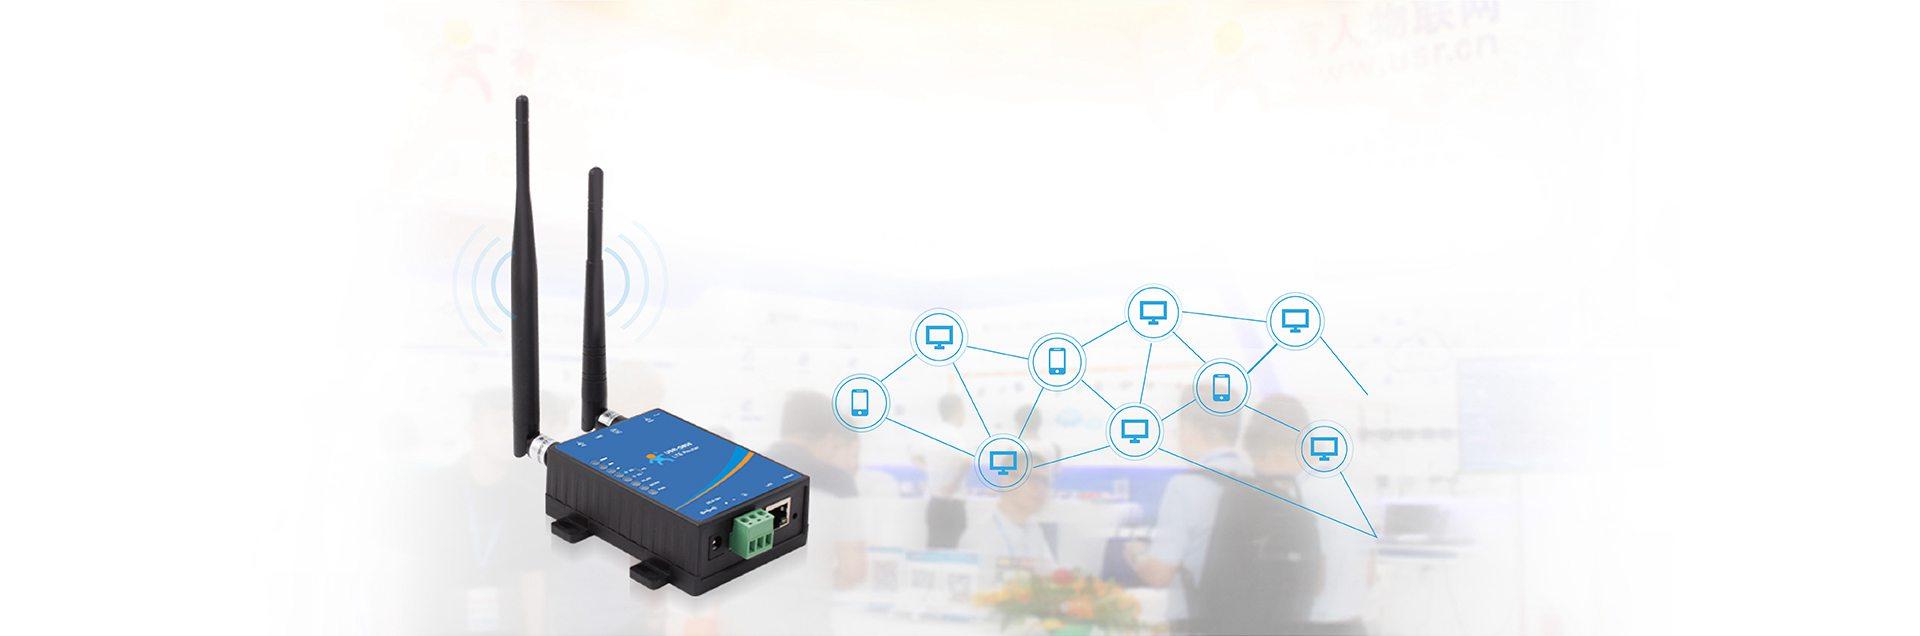 Triển lãm bộ định tuyến công nghiệp LTE chi phí thấp